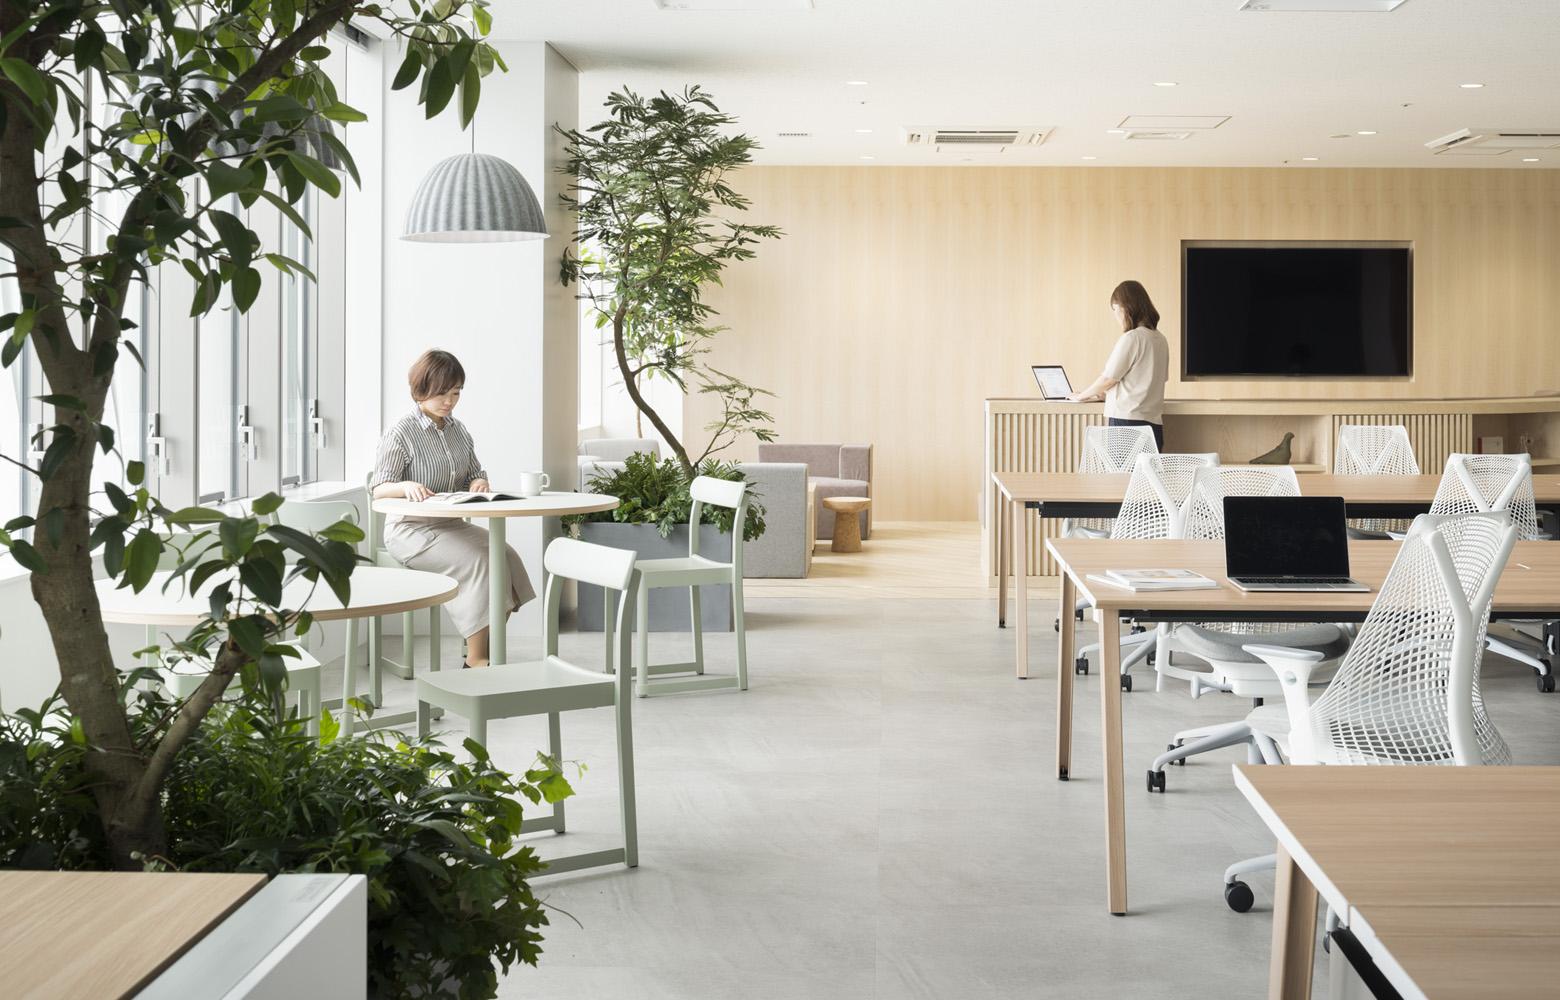 公益財団法人日本陸上競技連盟 Free Space_3 デザイン・レイアウト事例